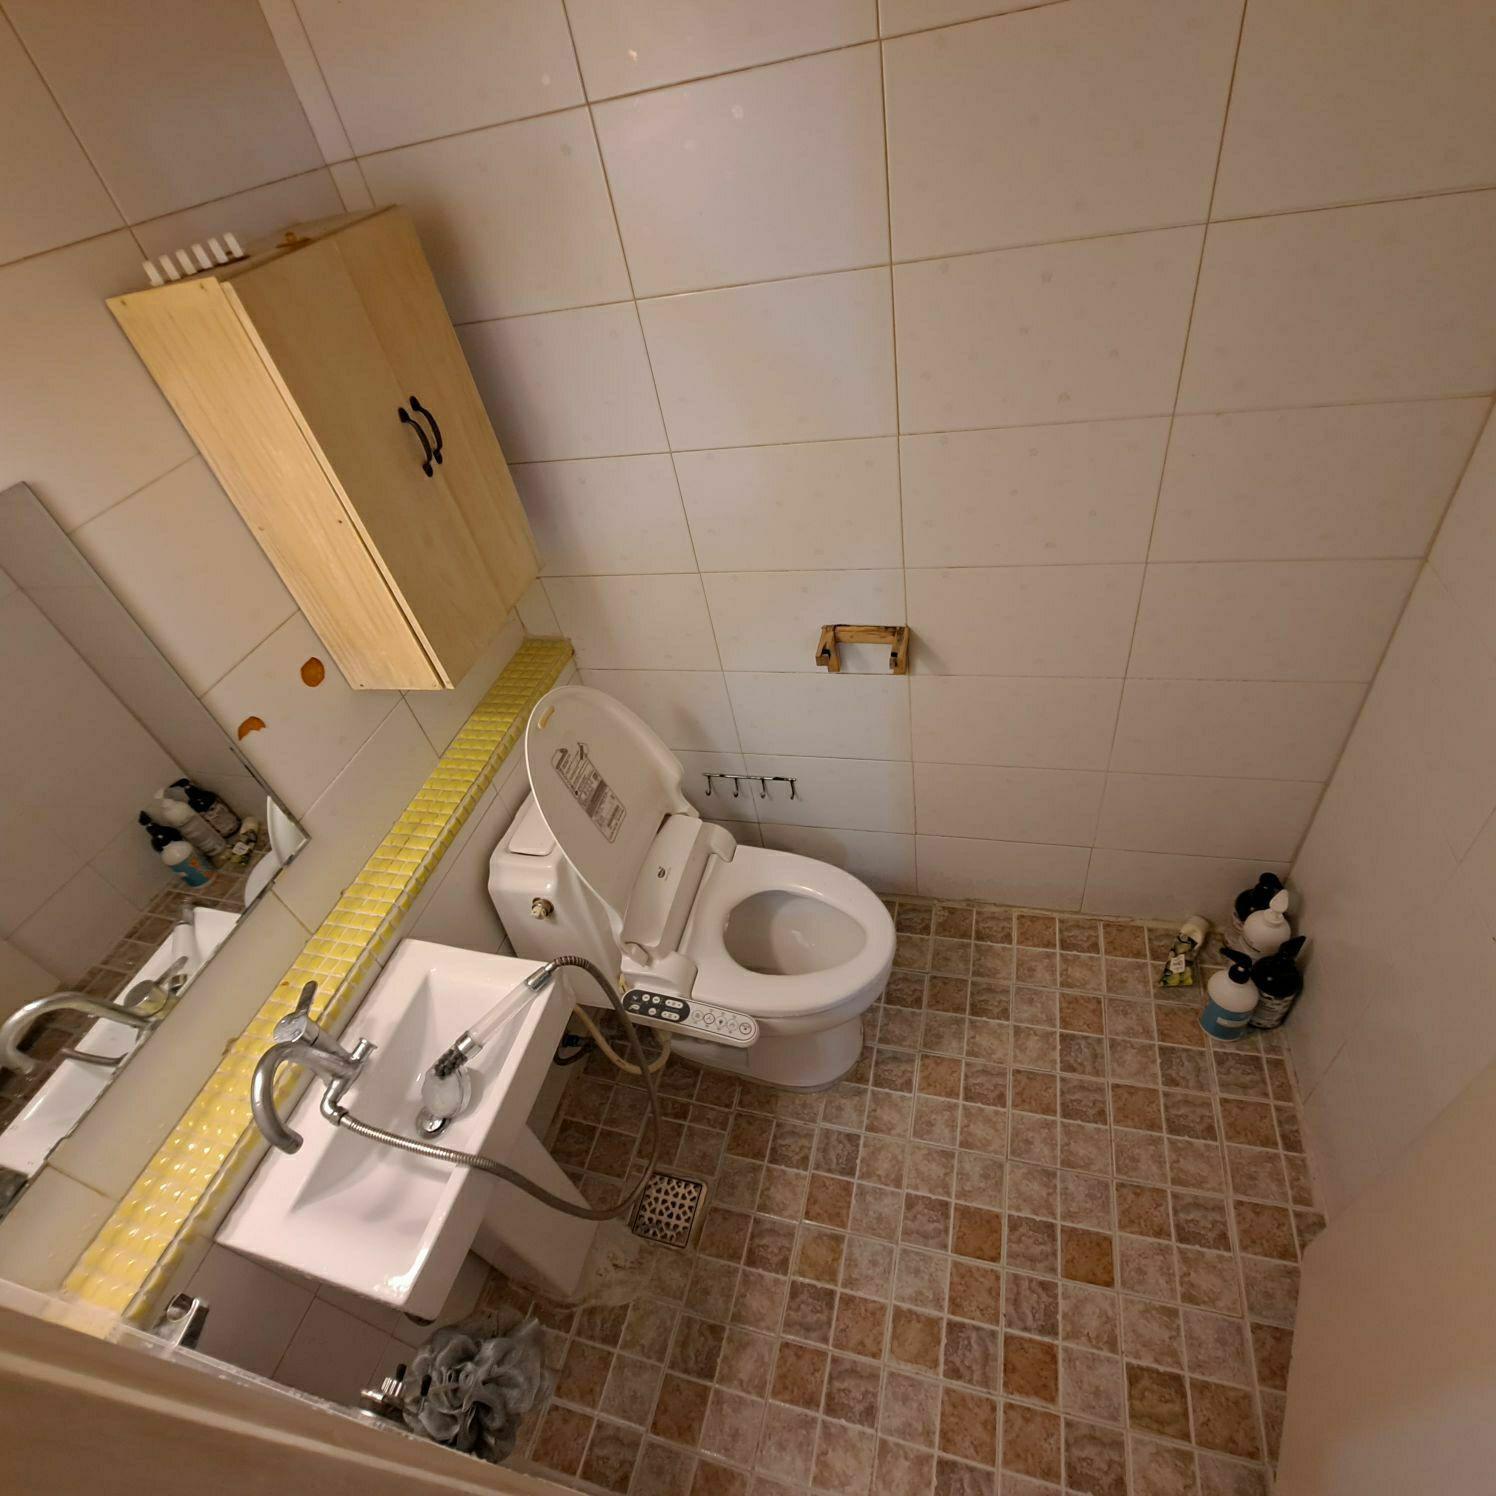 쓰레기집 청소후 화장실 사진